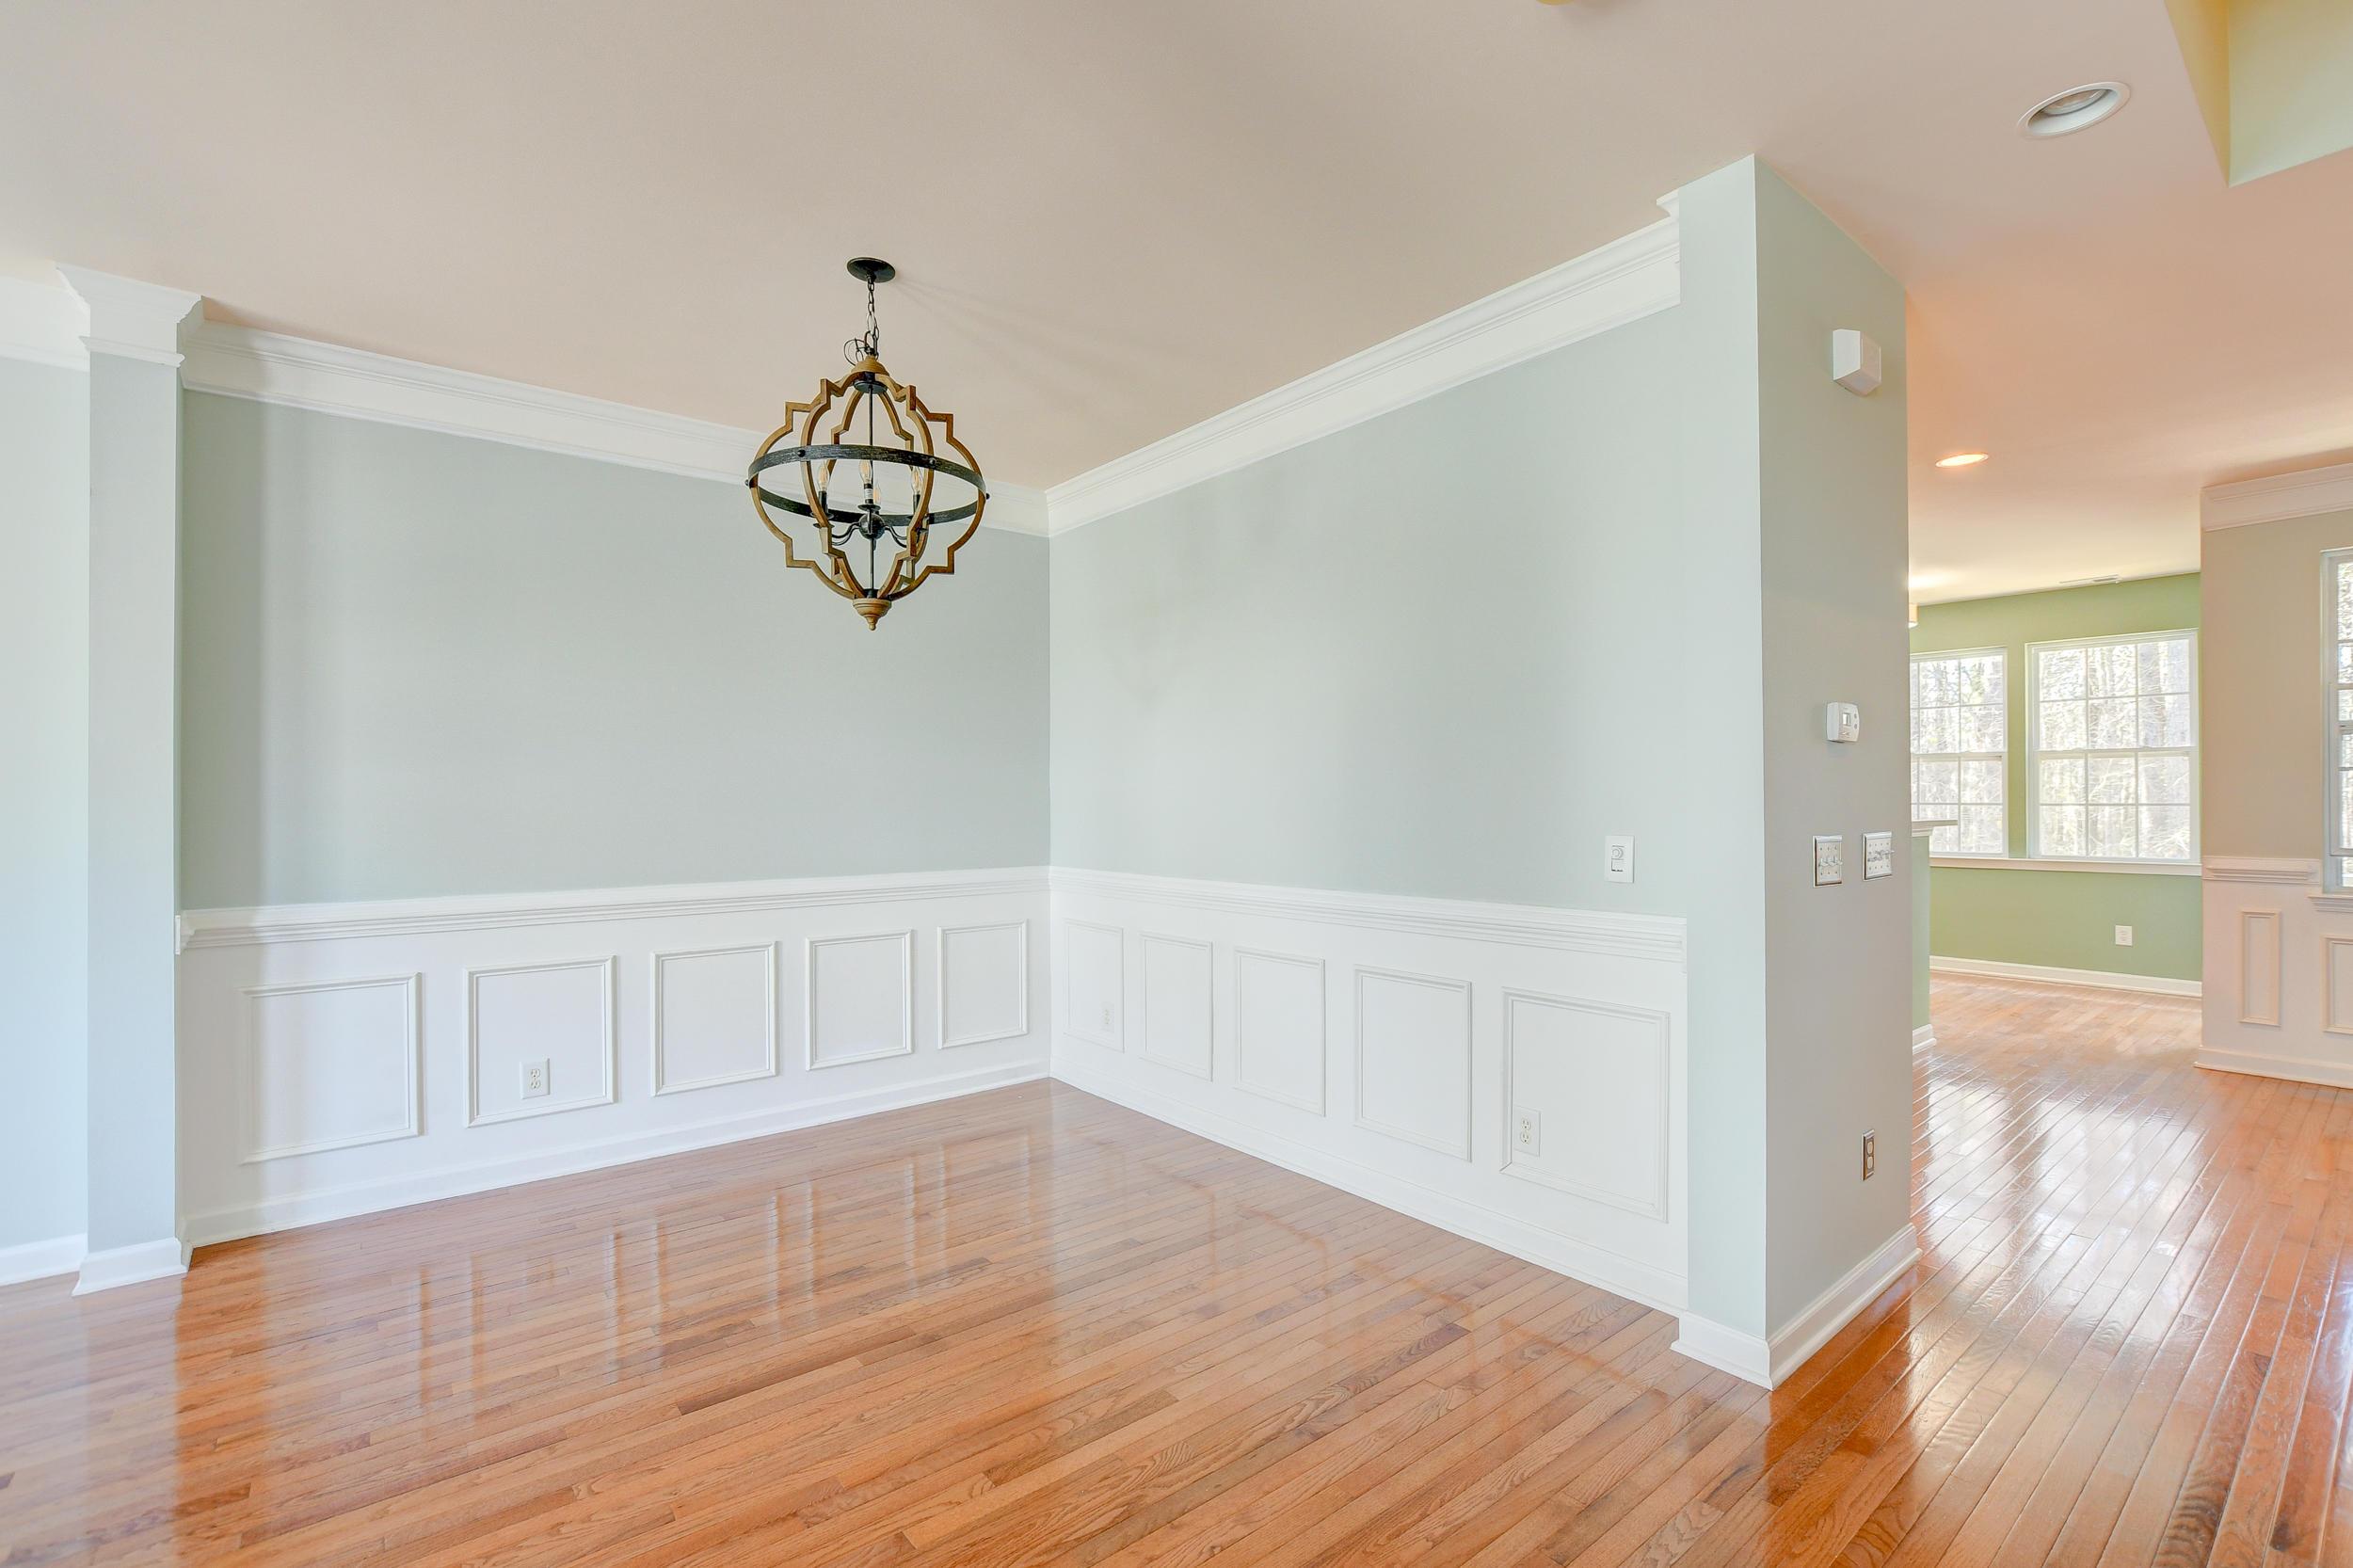 Park West Homes For Sale - 3545 Claremont, Mount Pleasant, SC - 6